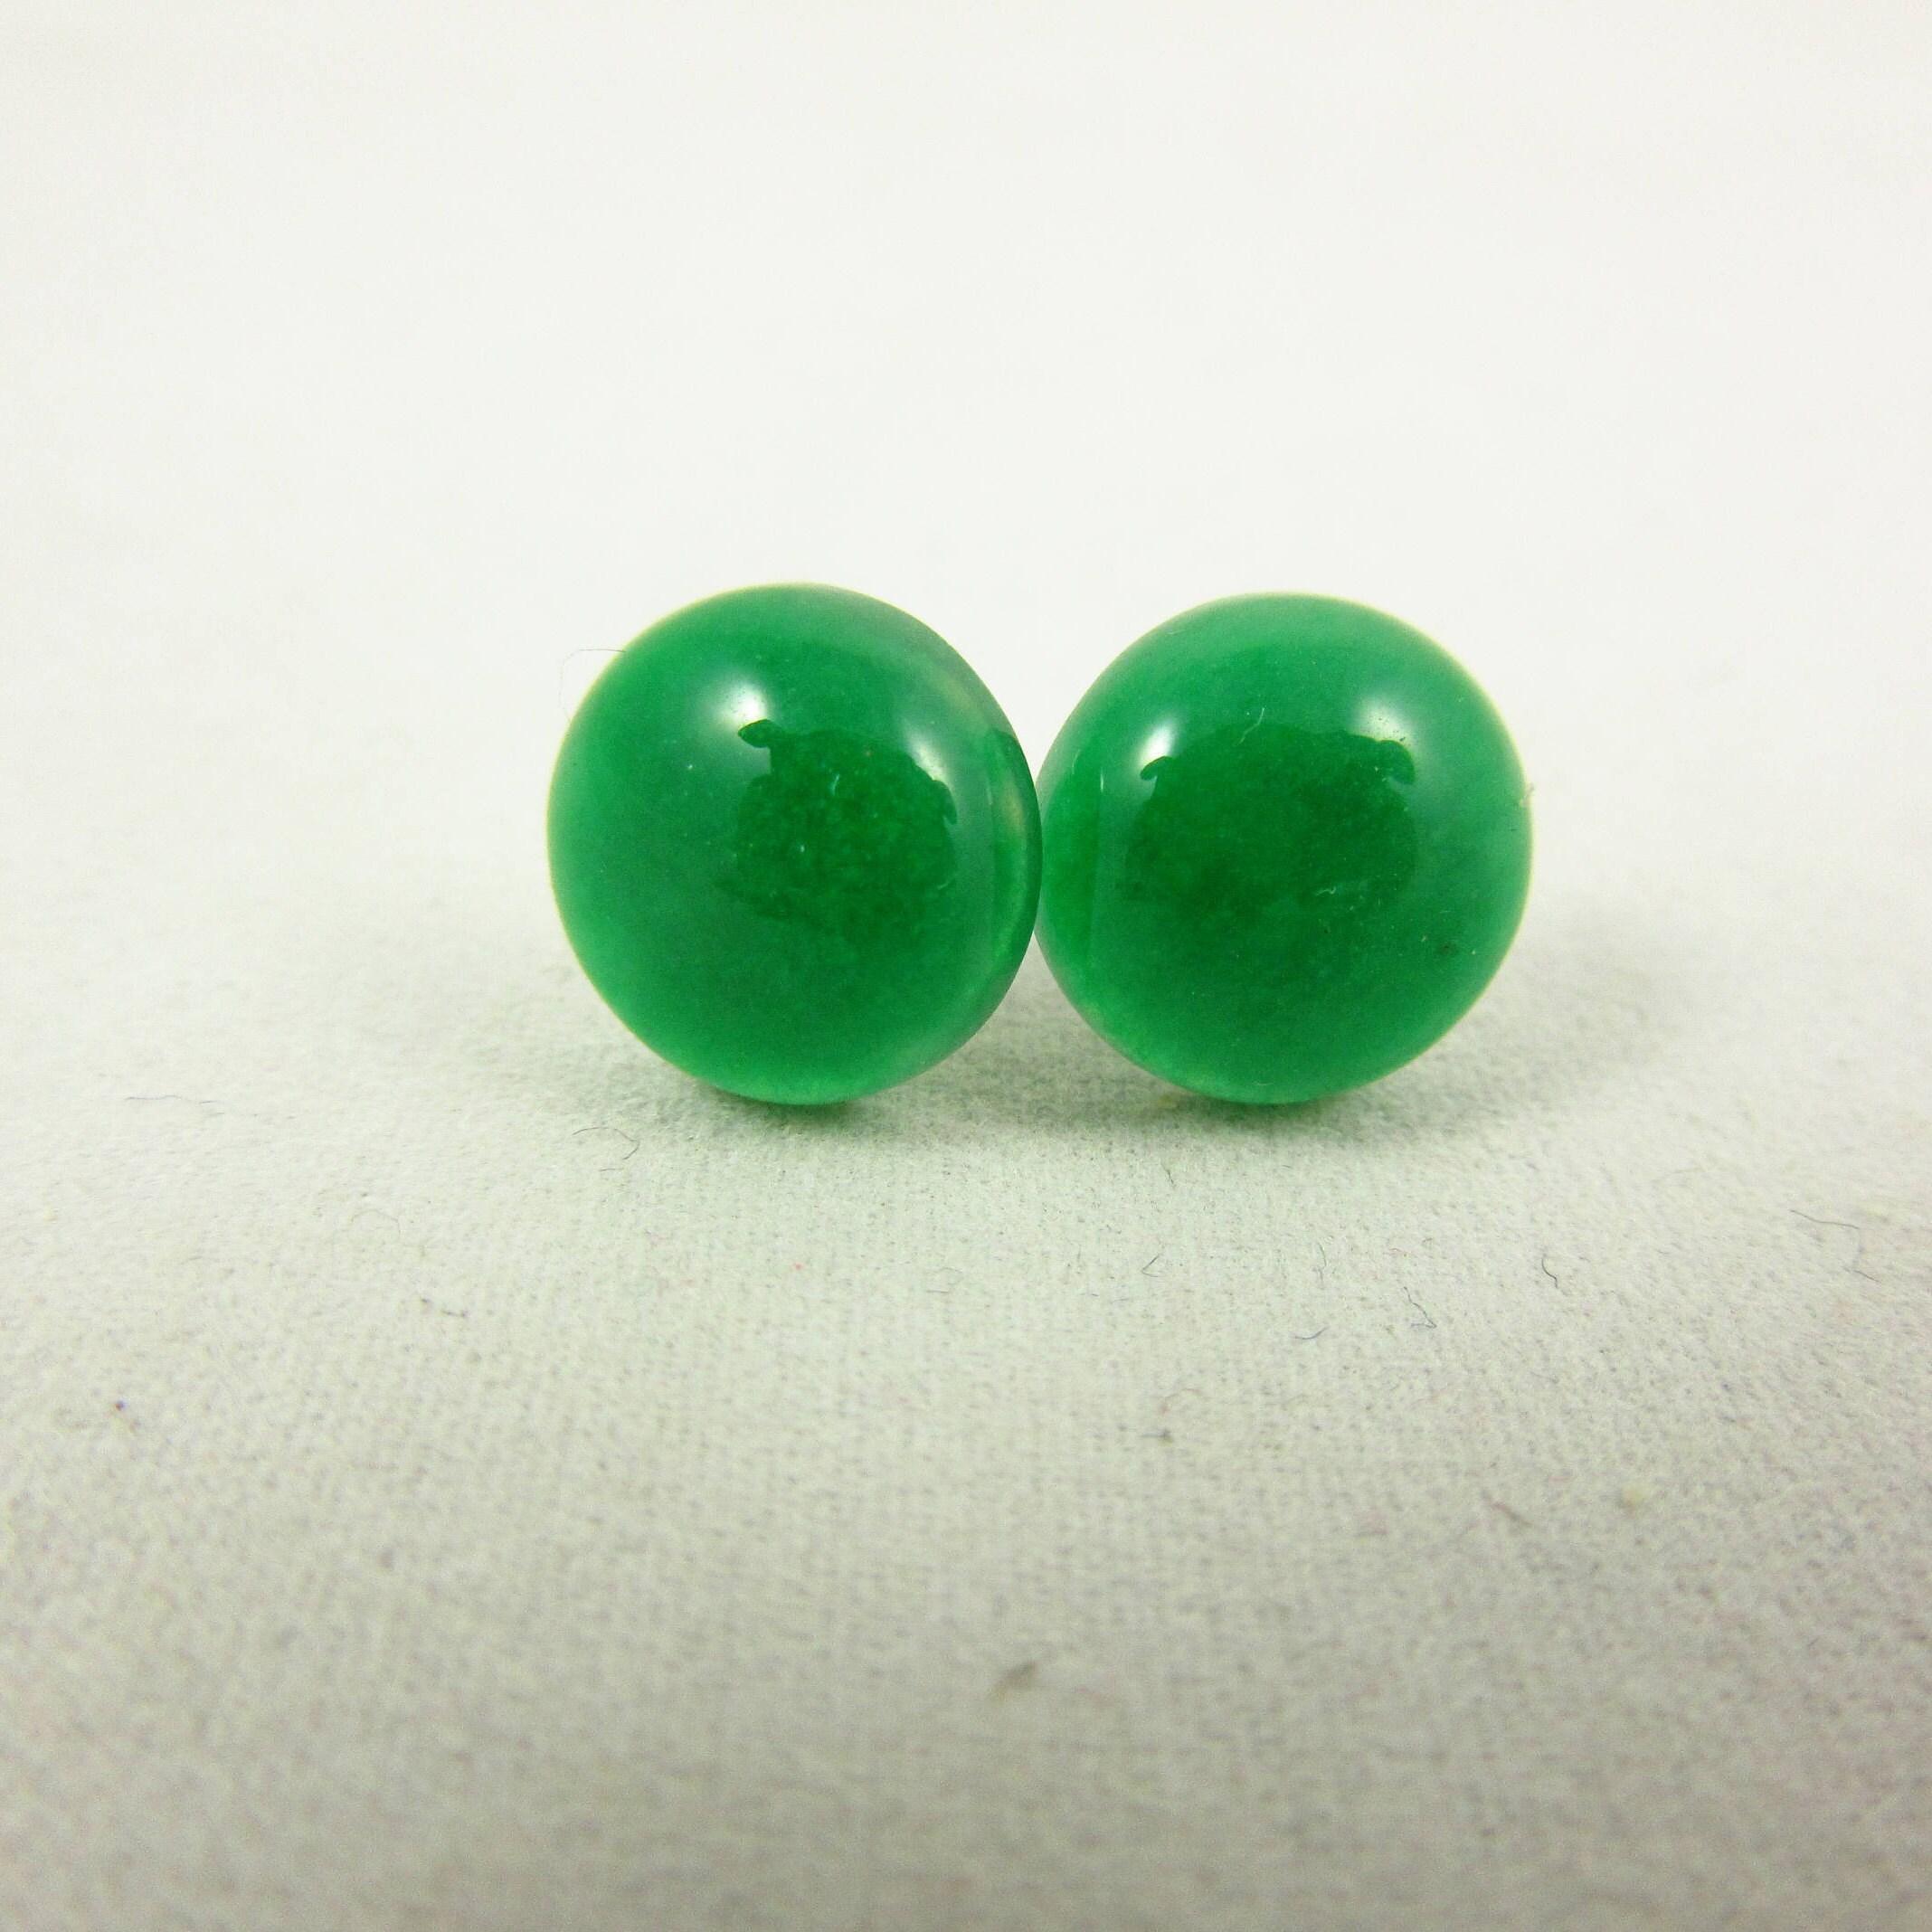 7e140b04b Green Aventurine Earrings/Stud Earrings/Silver Earrings/Handmade Earrings/ Aventurine Jewelry/Modern Jewelry/Simple Earrings/Small Earrings